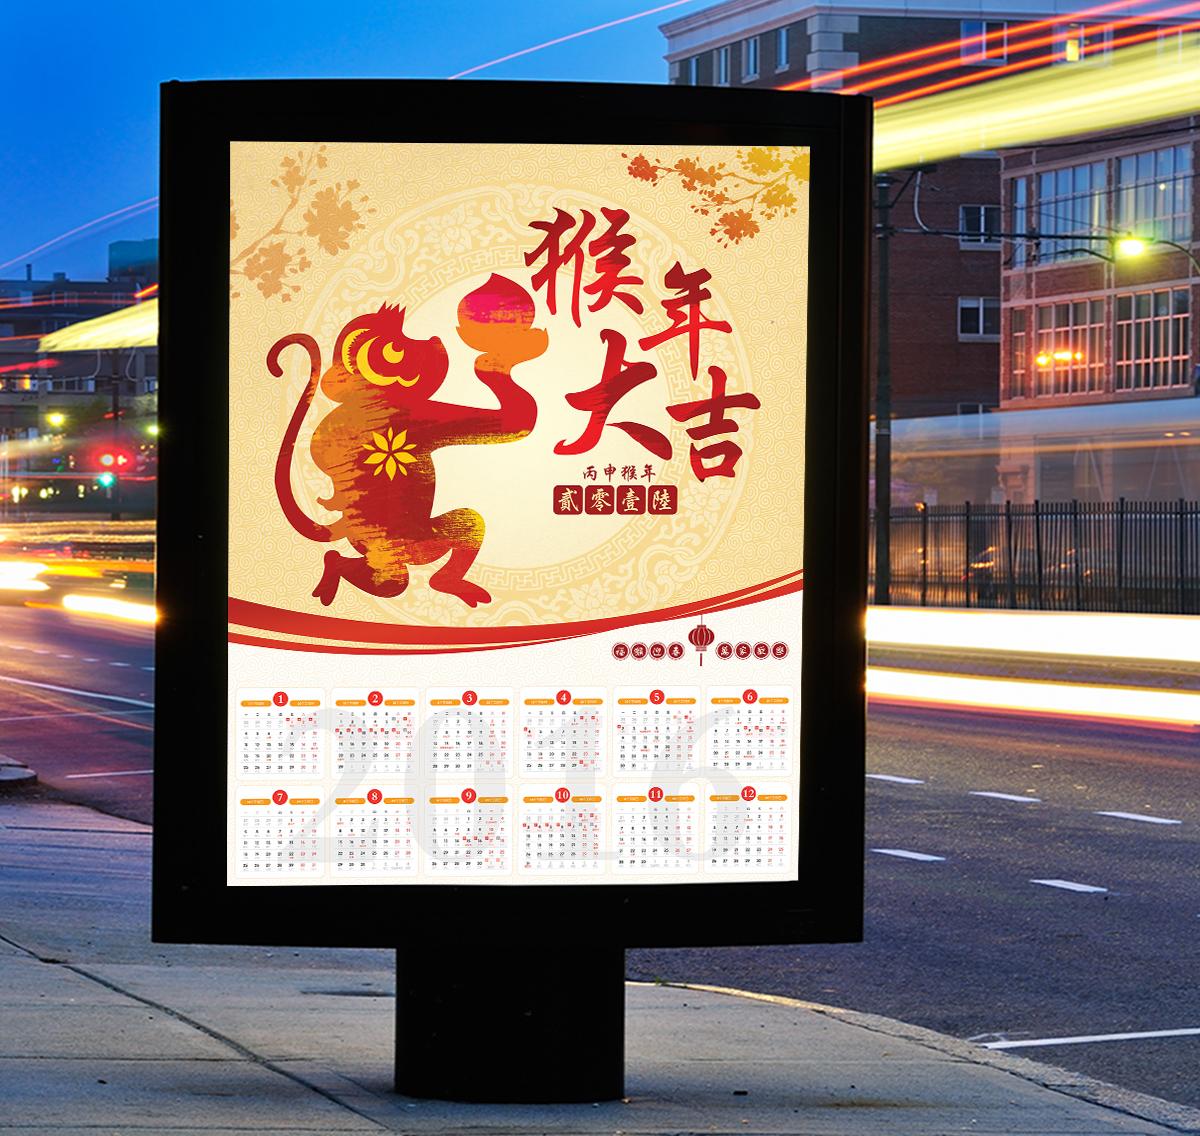 2016 猴年年历 PSD模板源文件下载